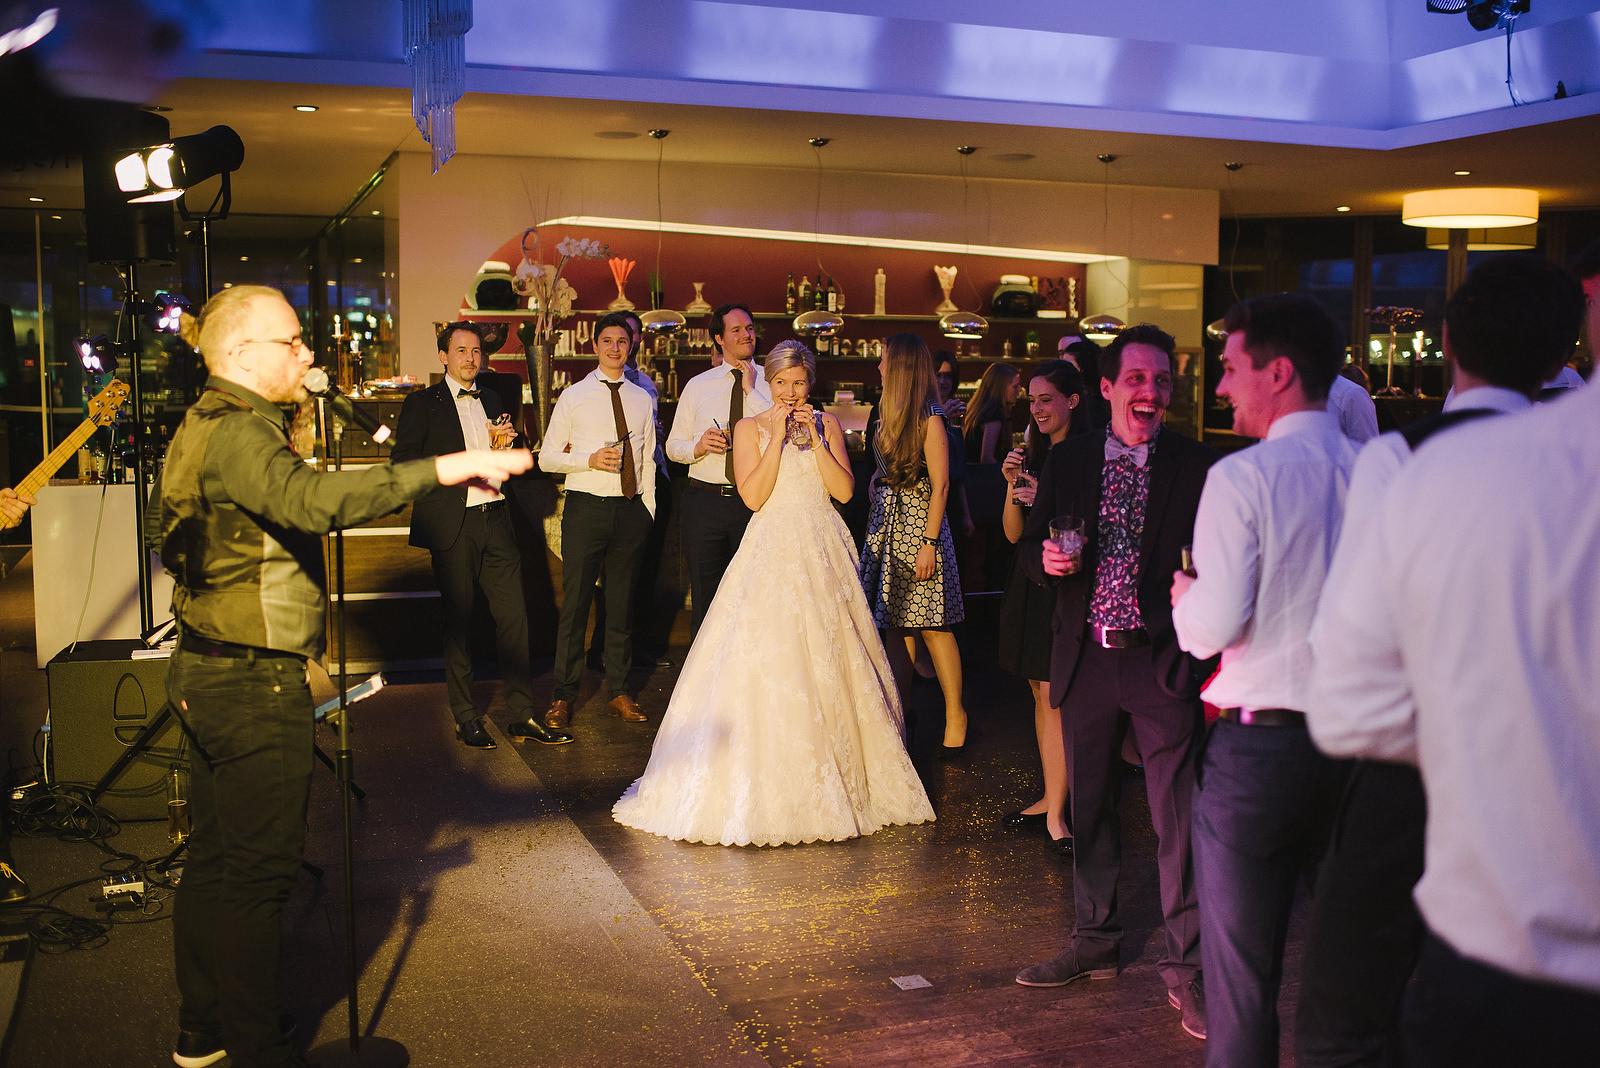 Fotograf Konstanz - Hochzeit Friedrichshafen Bodensee Hochzeitsfotograf EFP 71 - Silvester Hochzeit in Hagnau / Friedrichshafen am Bodensee  - 53 -